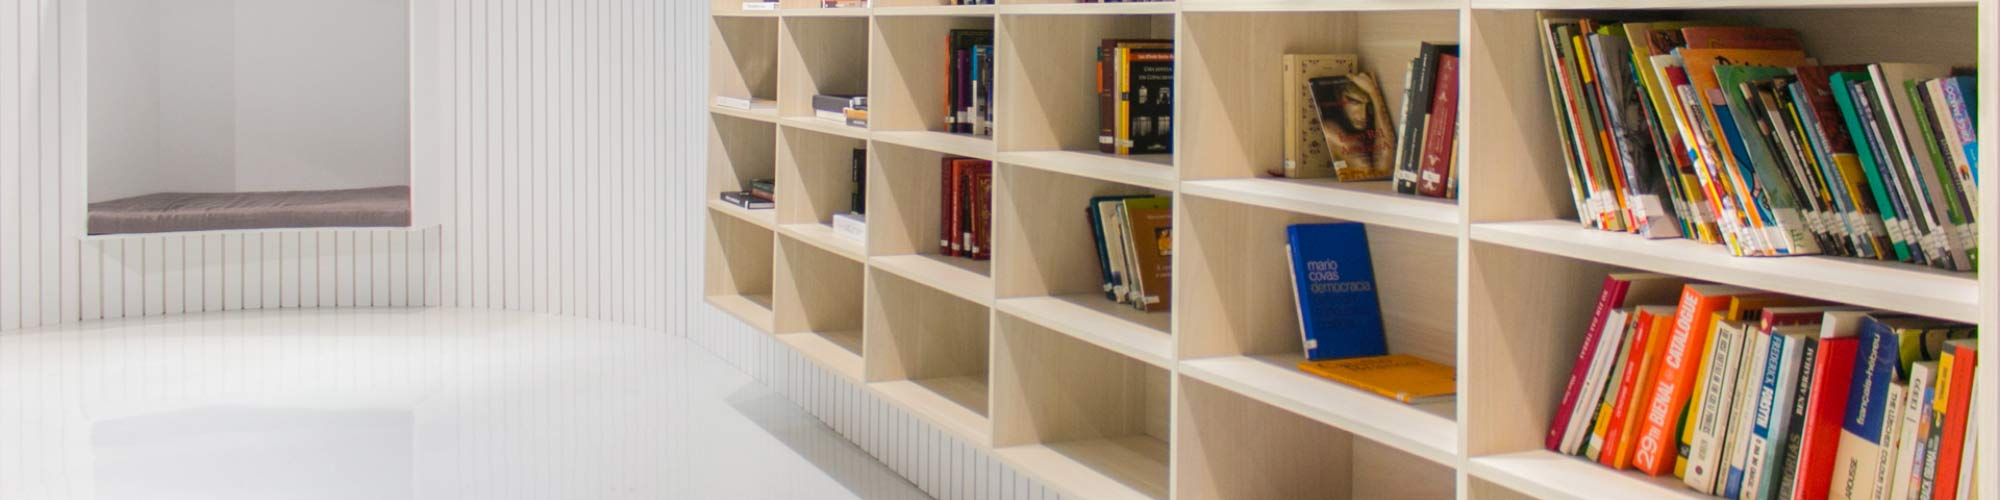 BiblioTech estará fechada de 17/12 a 4/2; mas conheça esse espaço de leitura 100% inclusiva